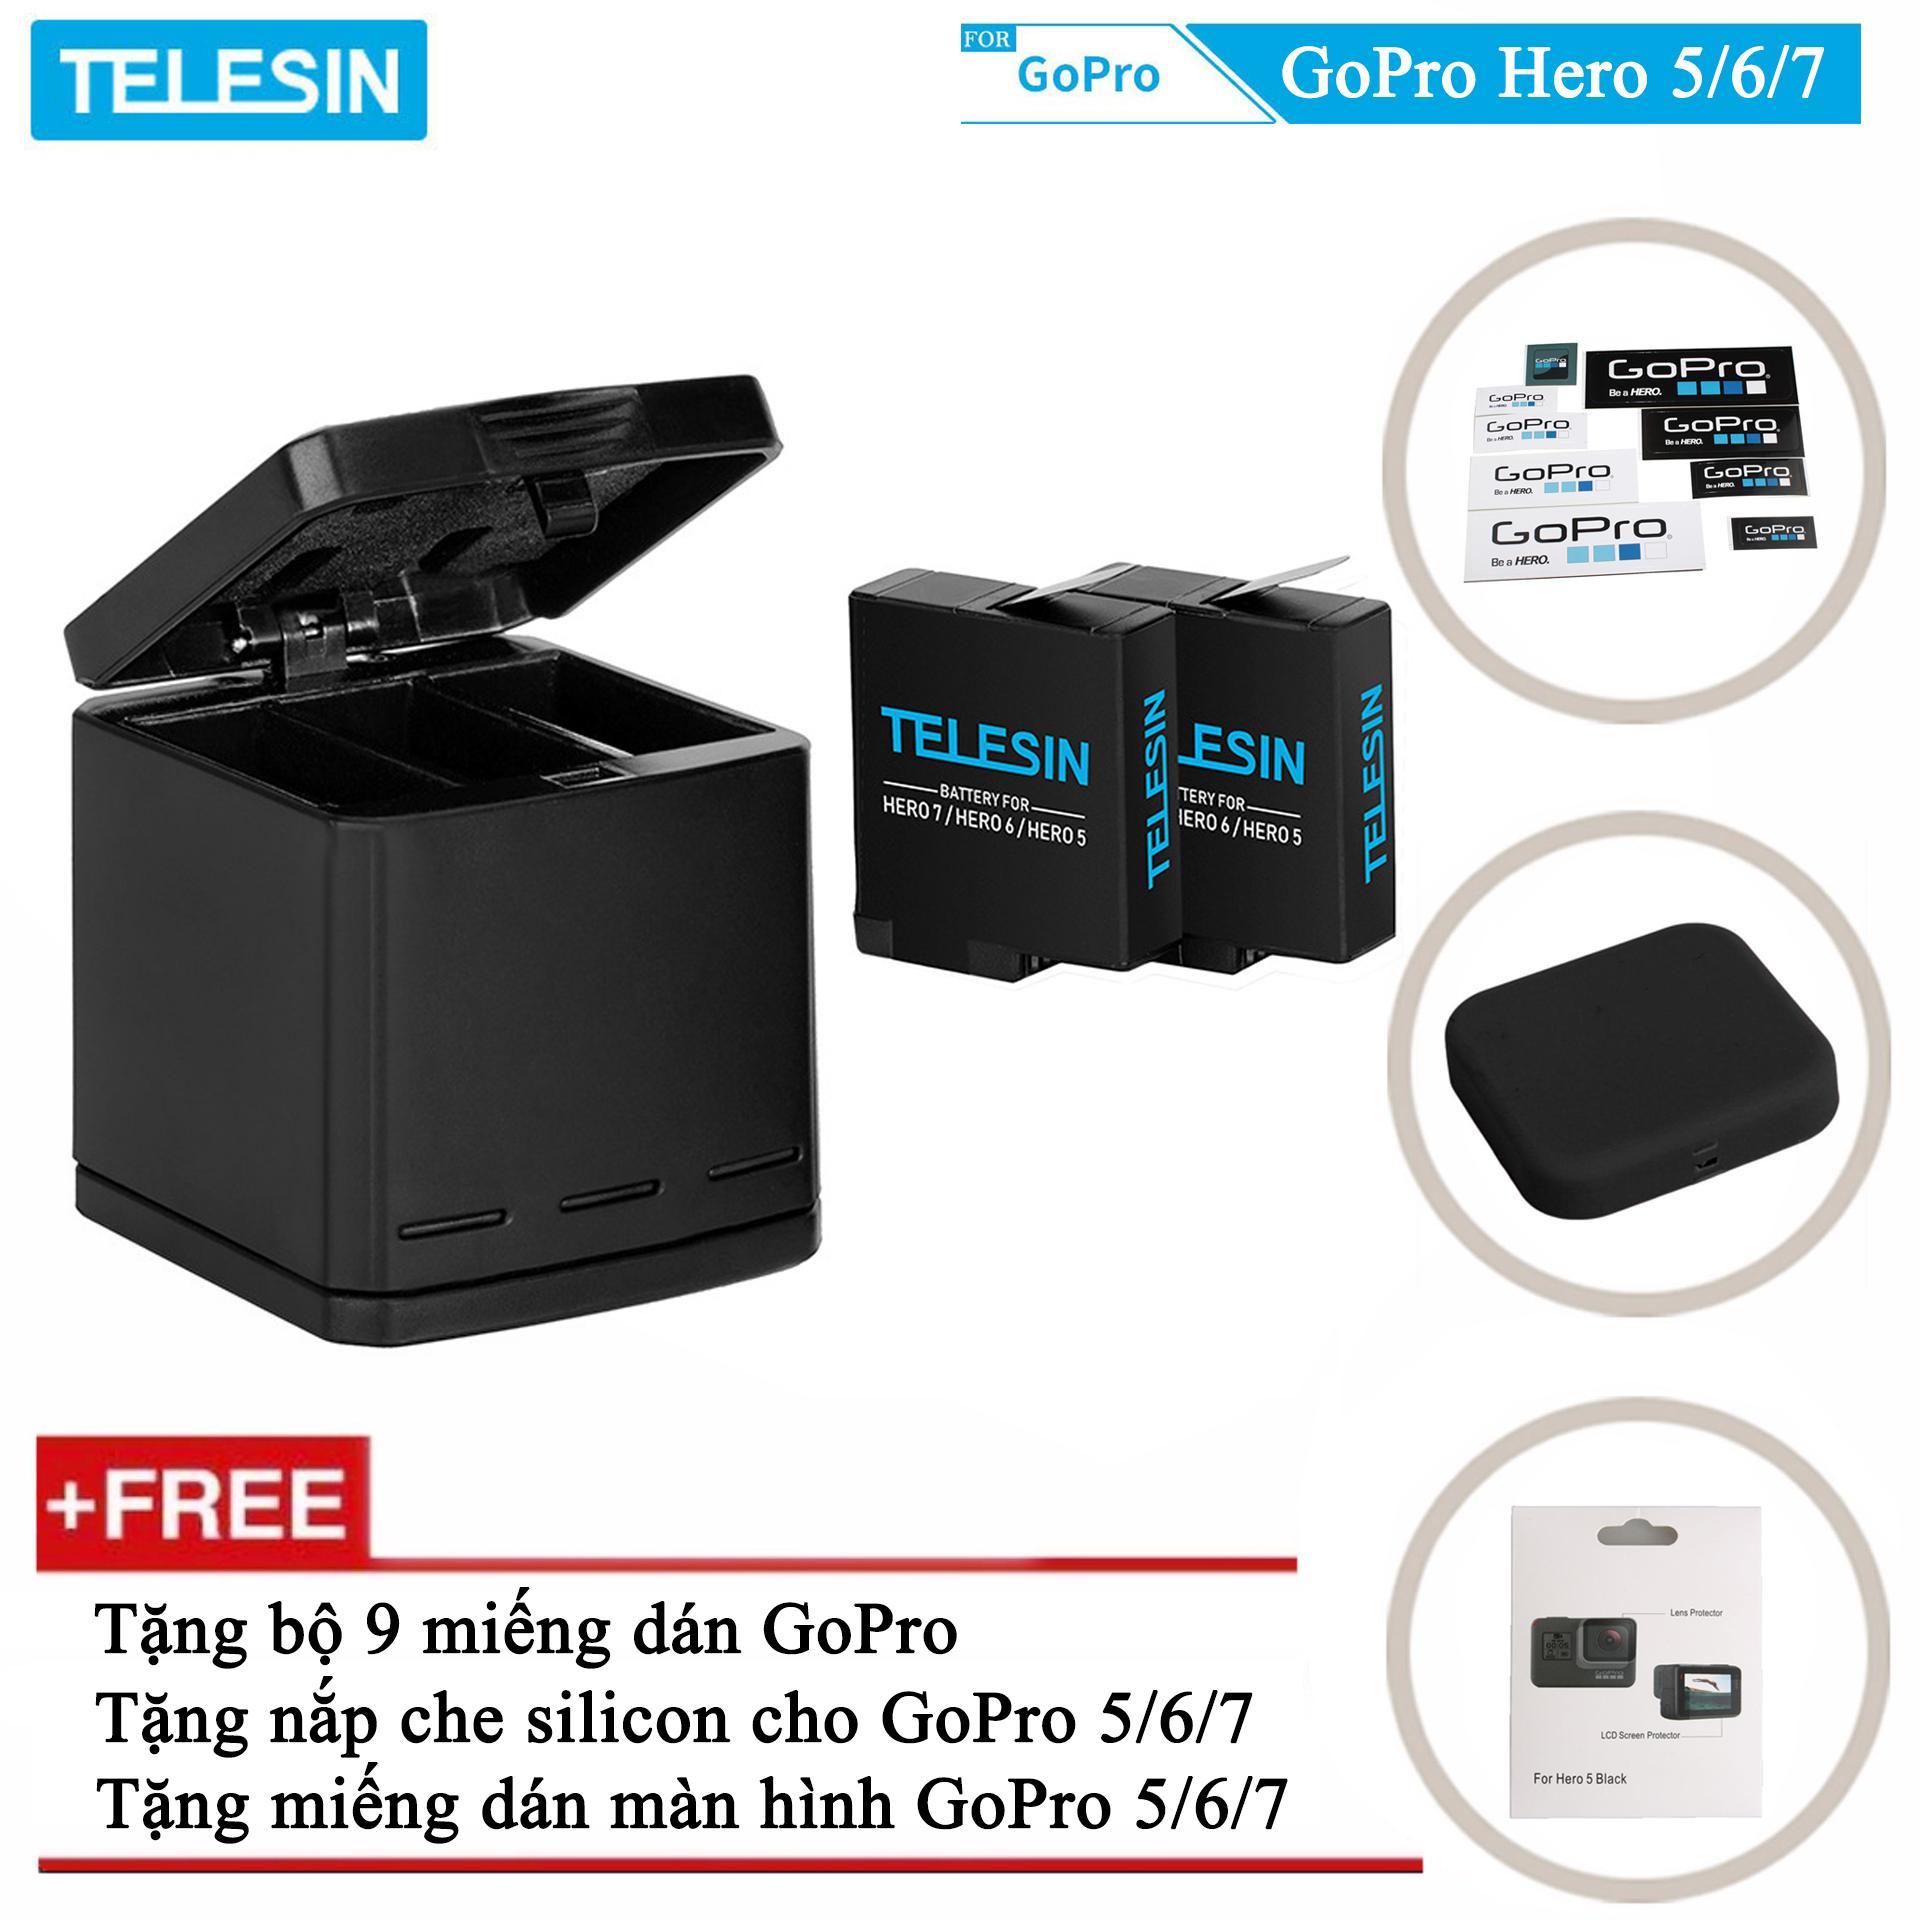 Giá Combo sạc 3 + 2 viên pin TELESIN cho GoPro Hero 5, GoPro Hero 6, GoPro Hero 7, GoPro Hero 8, GoPro new Hero 2018